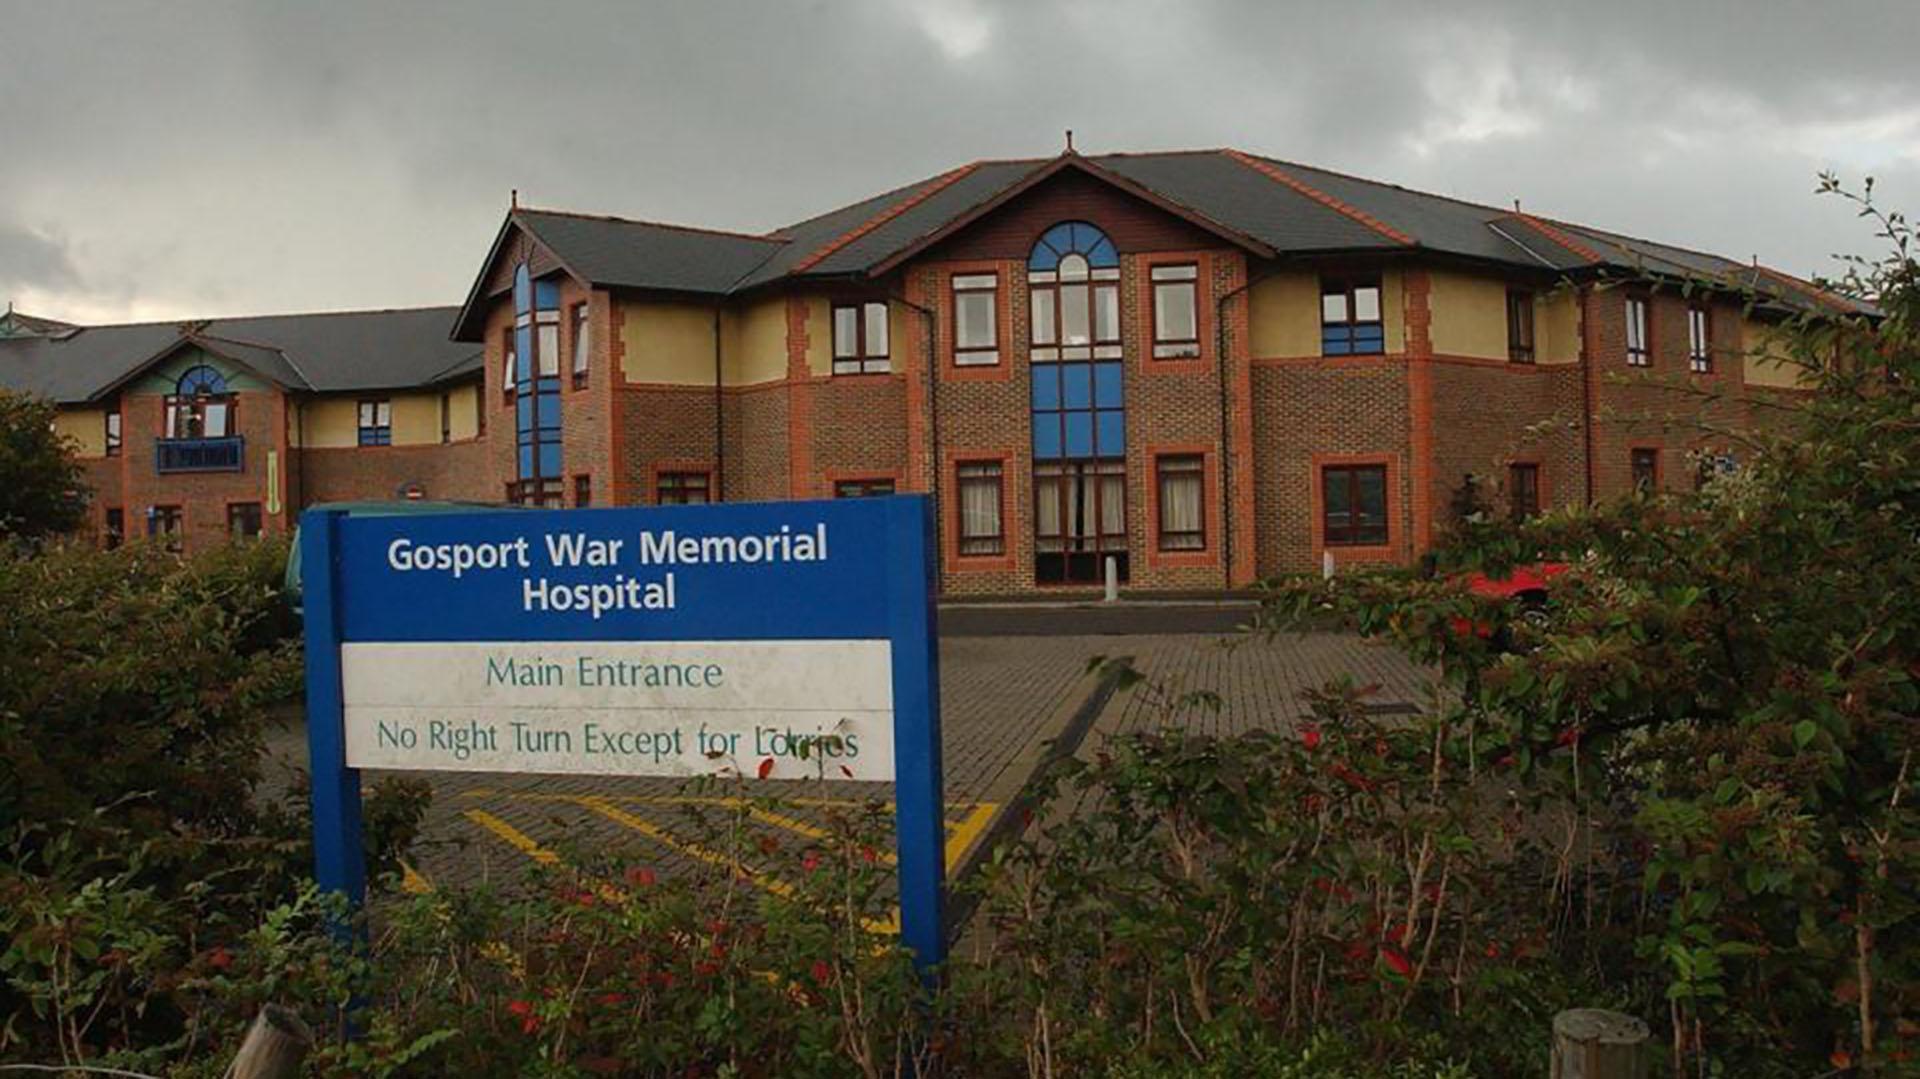 Las muertes ocurrieron entre 1988 y 2000 en el hospital público de Gosport, en el sur de Inglaterra